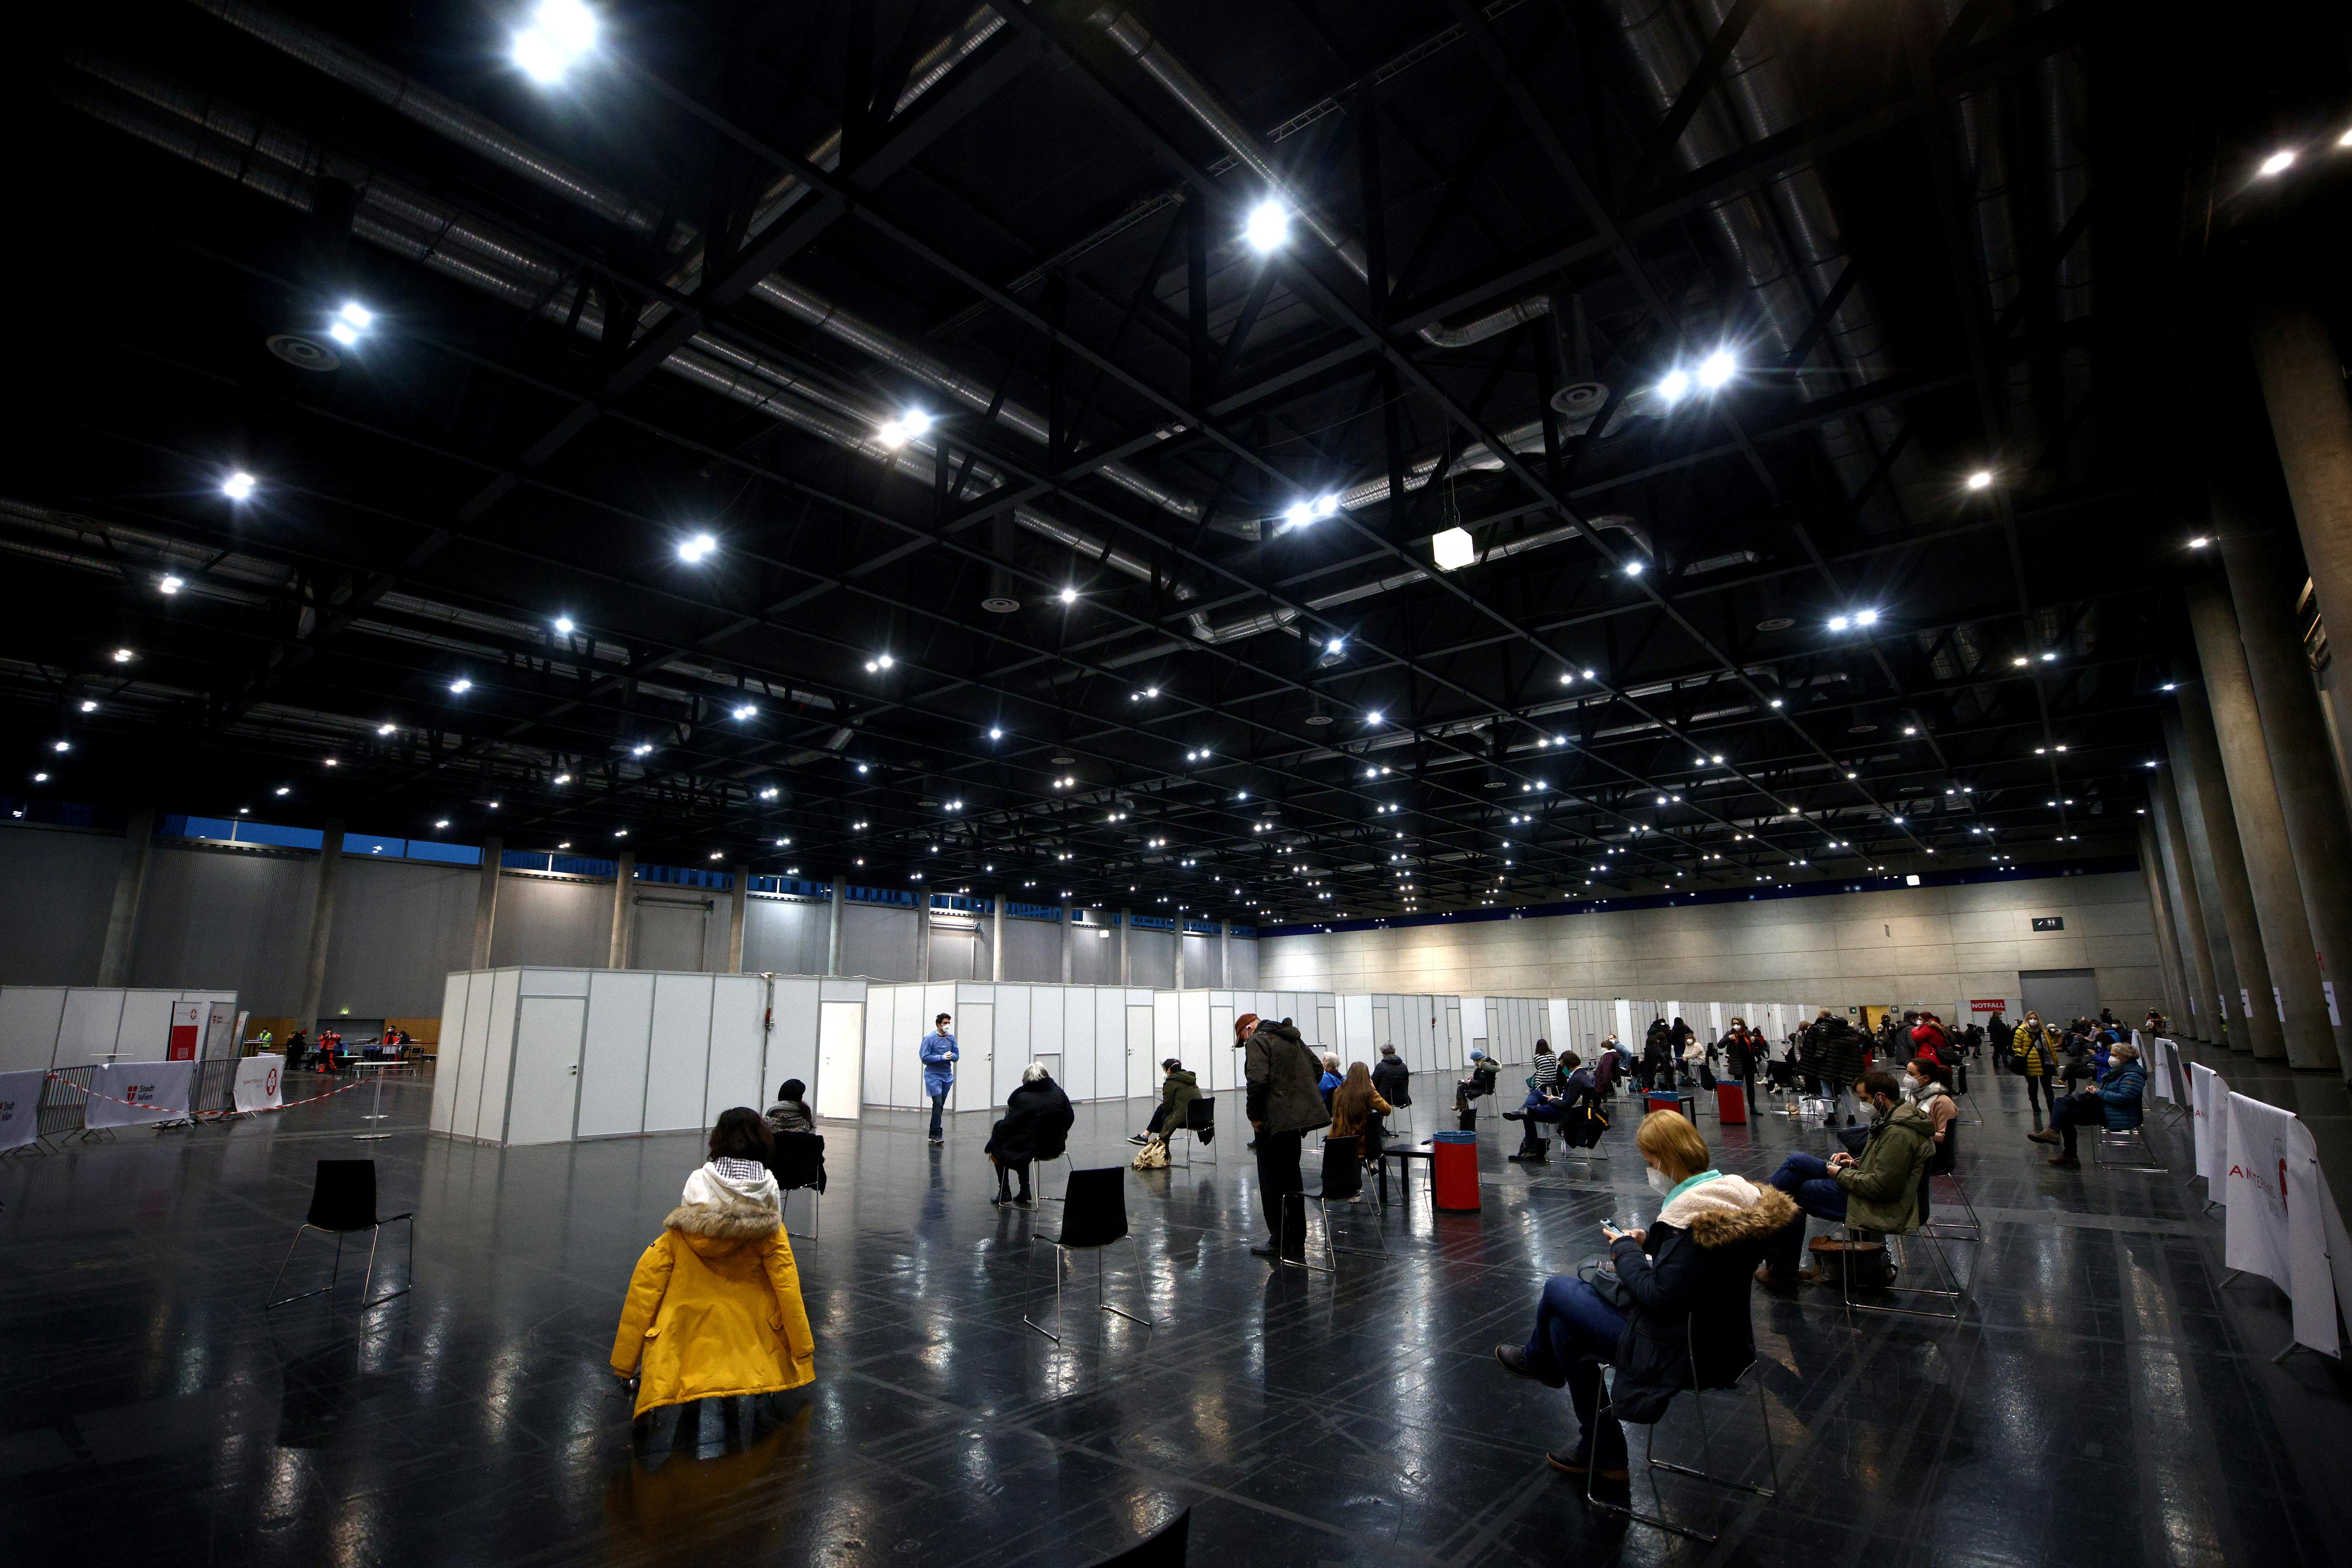 Pessoas esperando no centro de congressos Messe Wien, Viena, Áustria